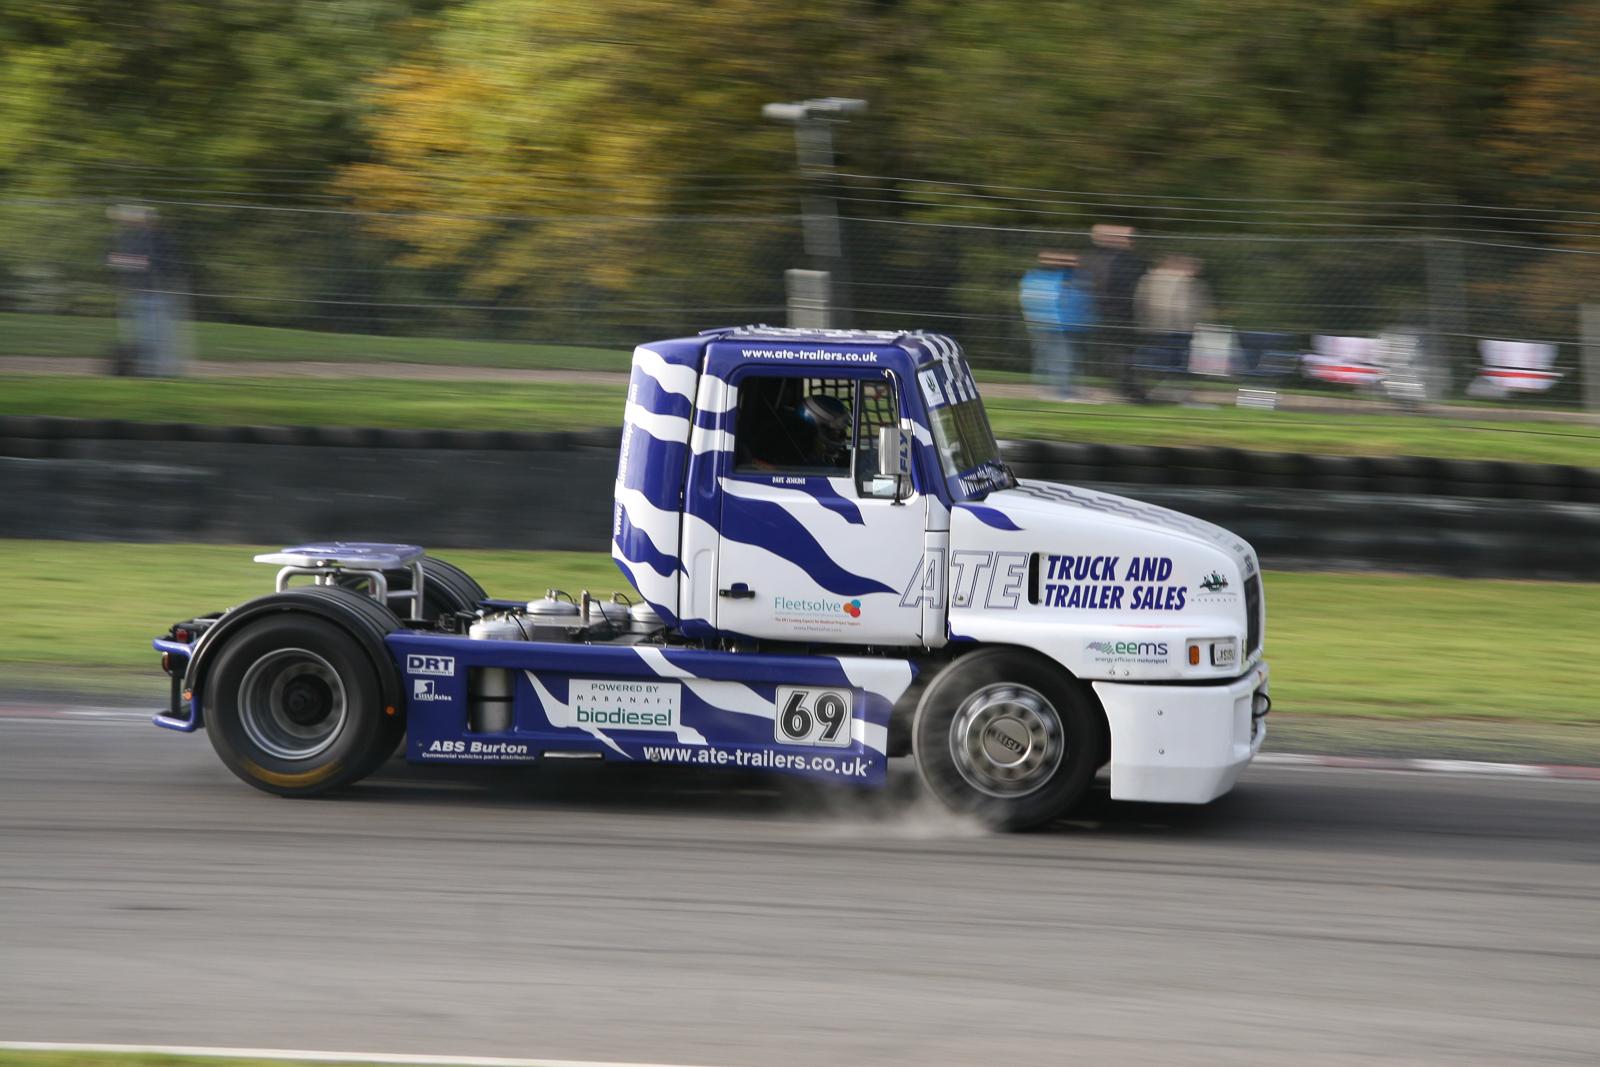 20071103 - Truck Racing Brands -071103 -037